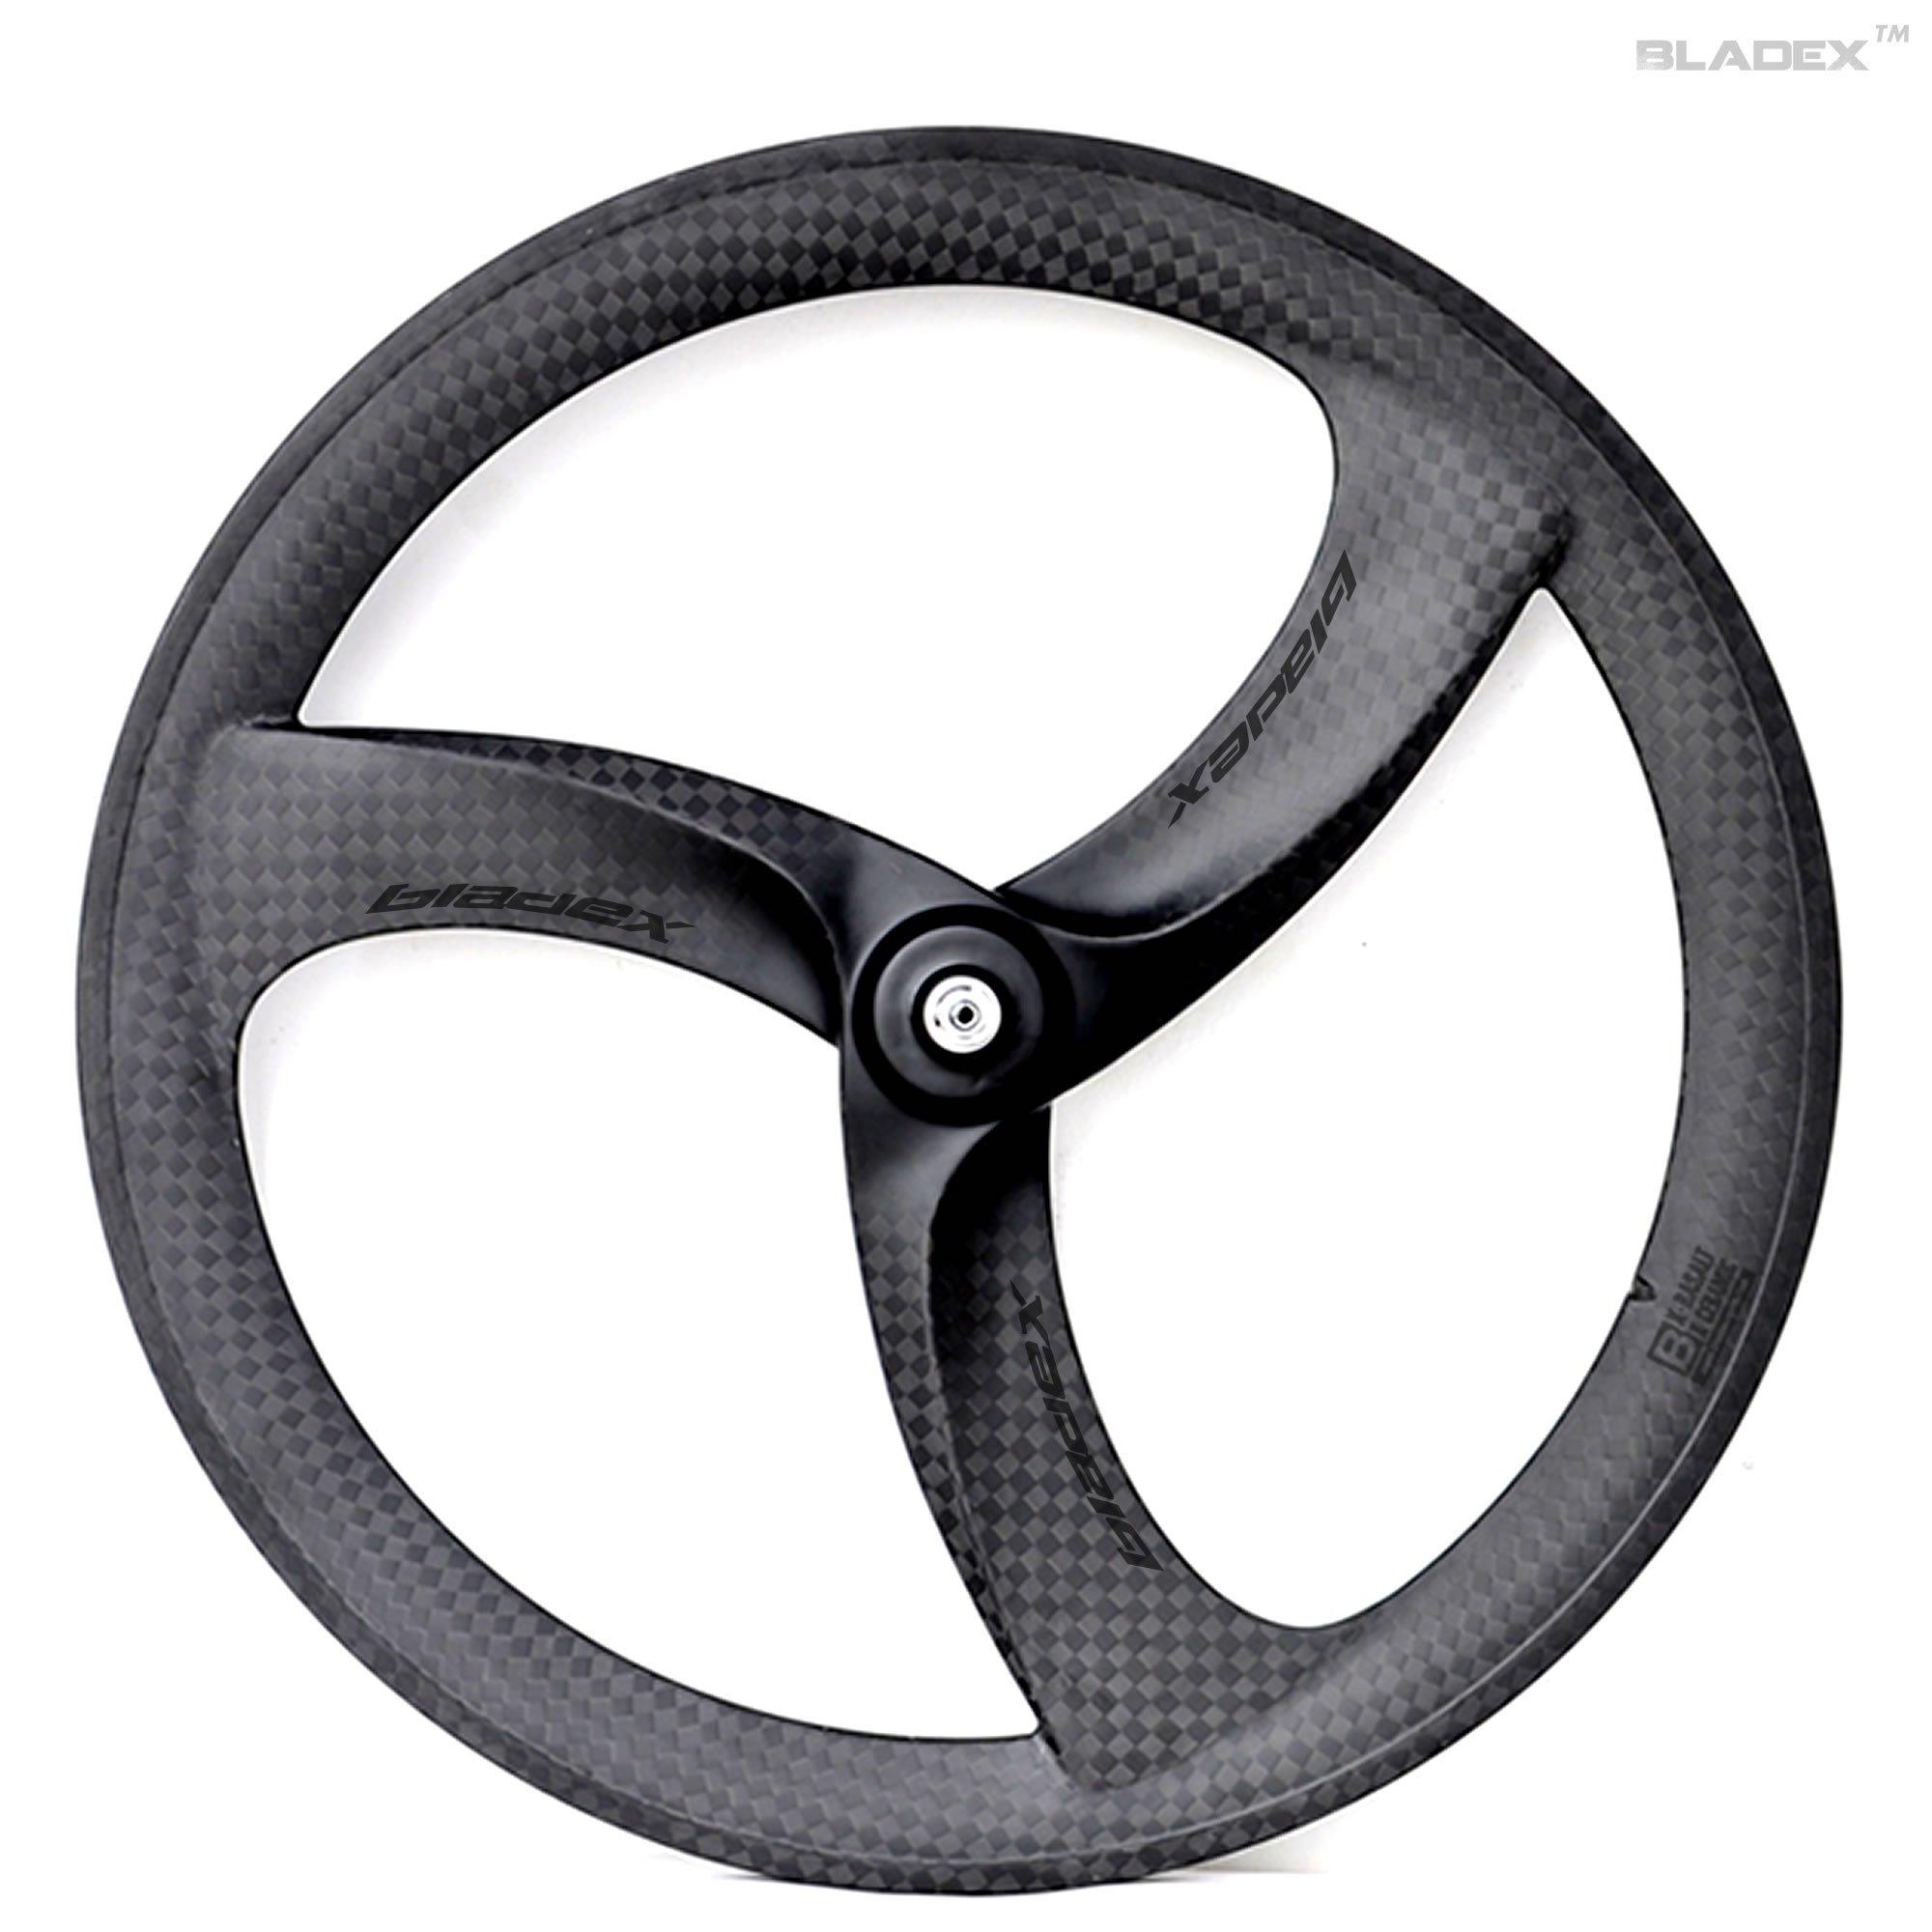 Tri 3 Spoke Wheels 11